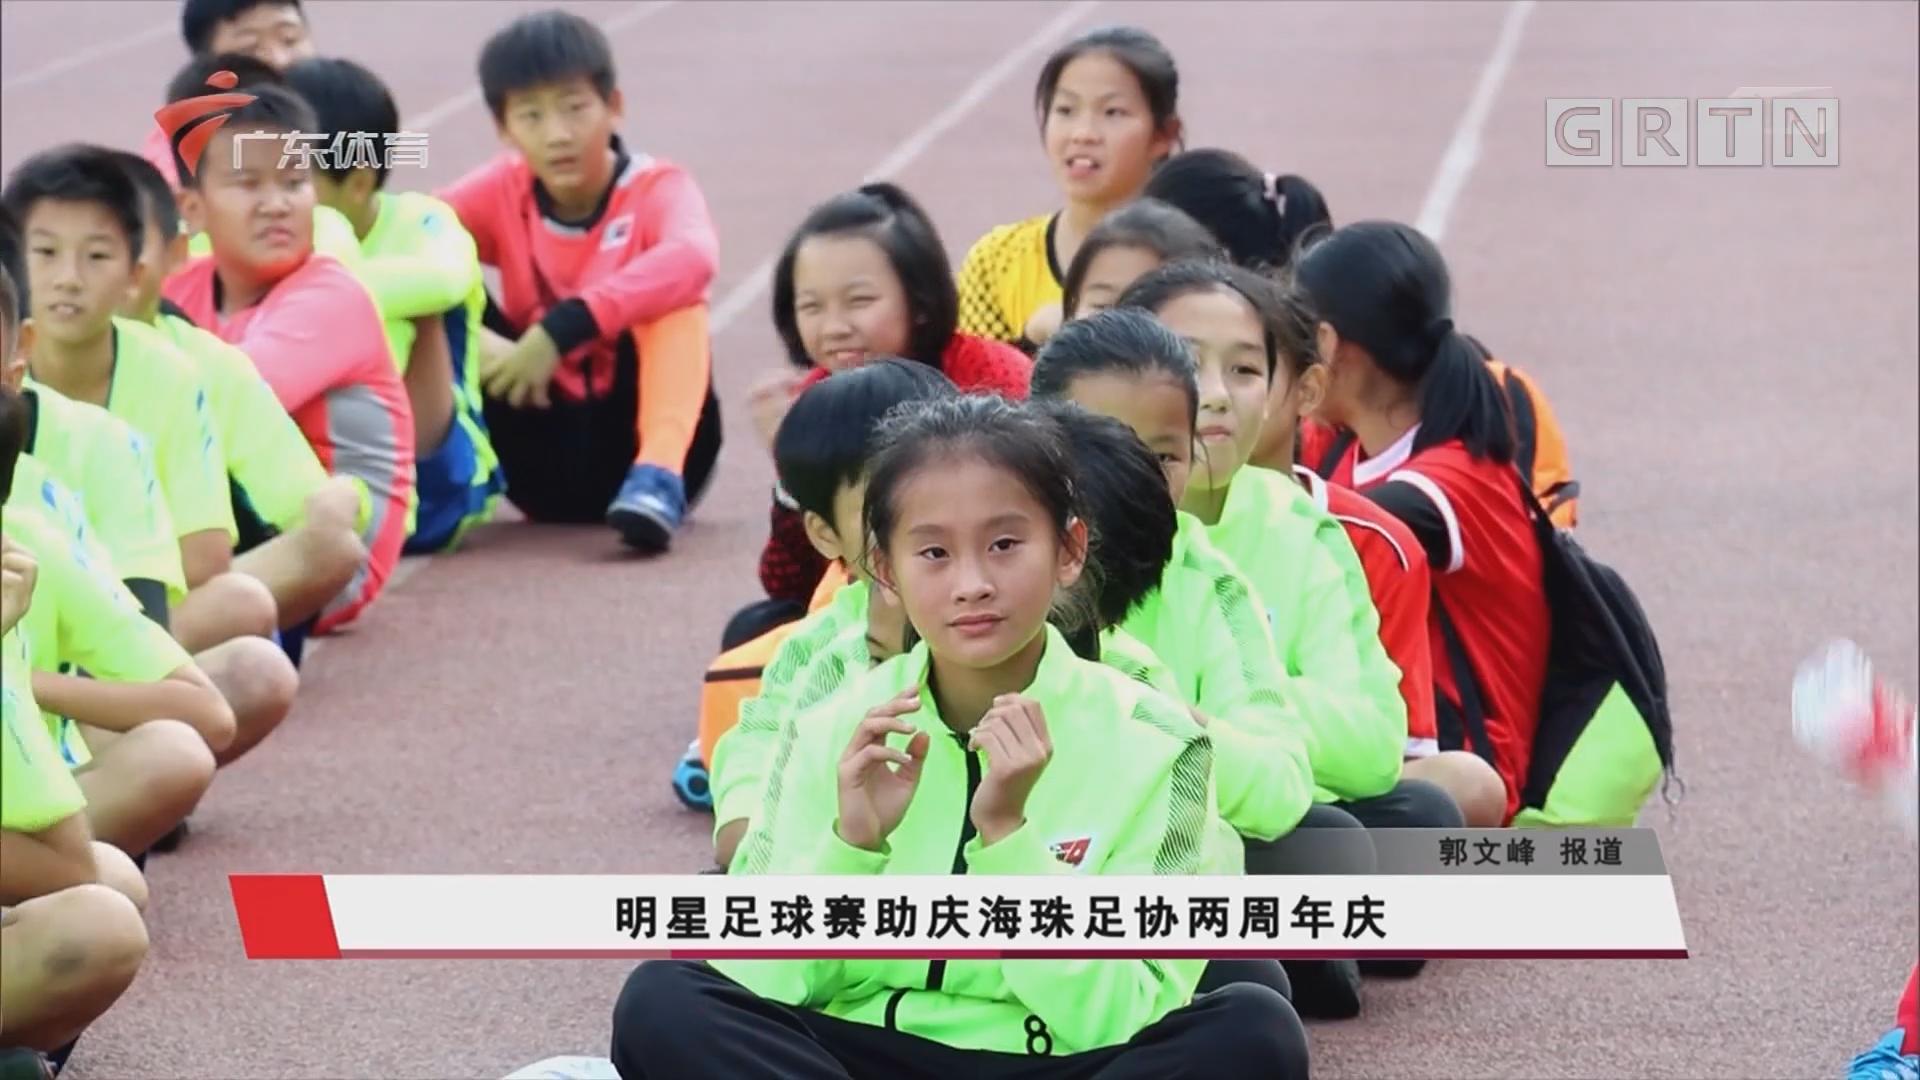 明星足球賽助慶海珠足協兩周年慶